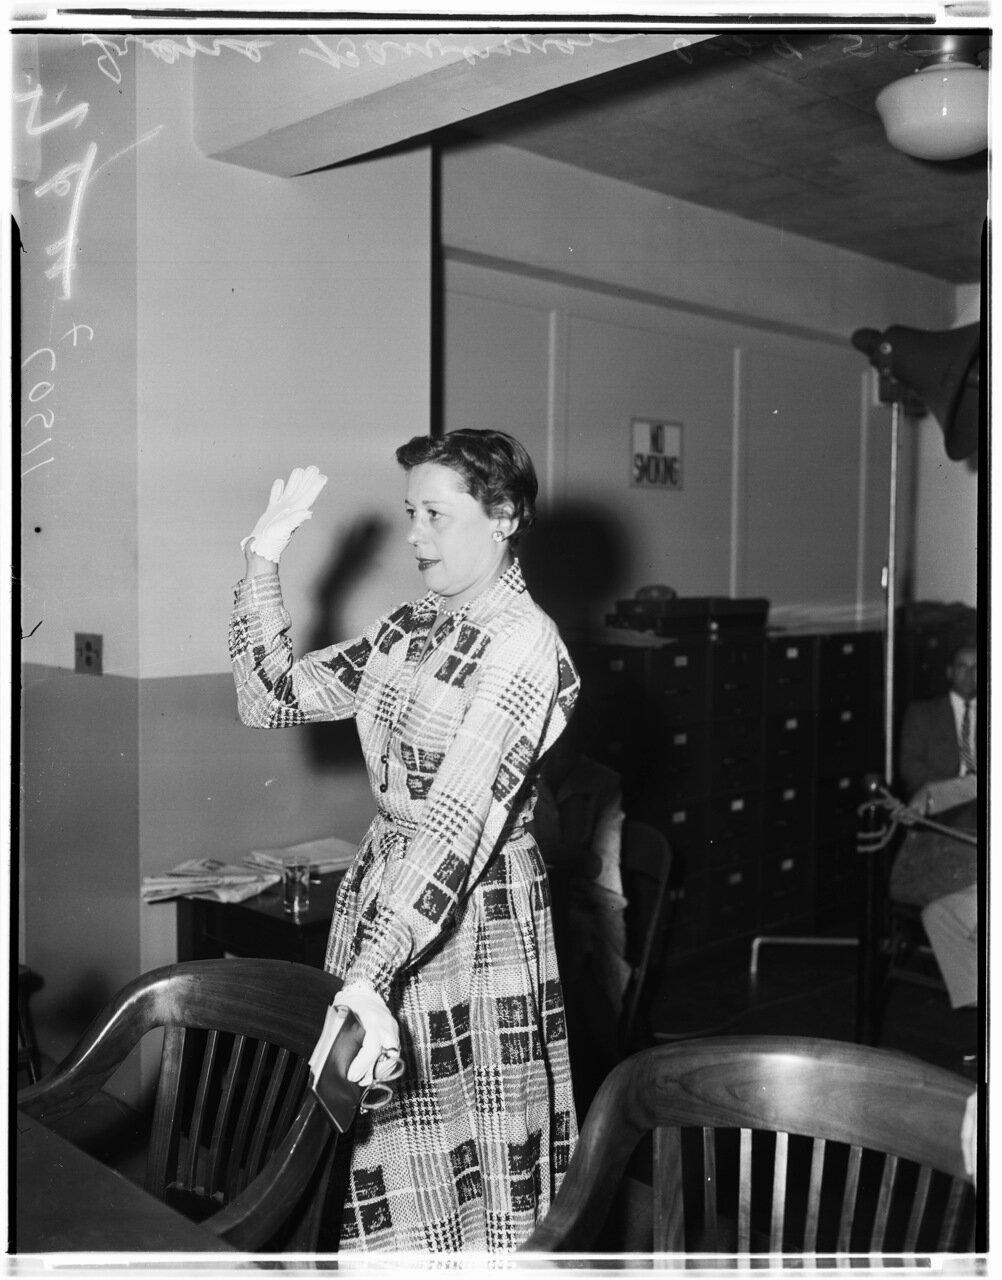 1955. 29 июня. Комиссия по расследованию антиамериканской деятельности. Сильвия Шонфилд